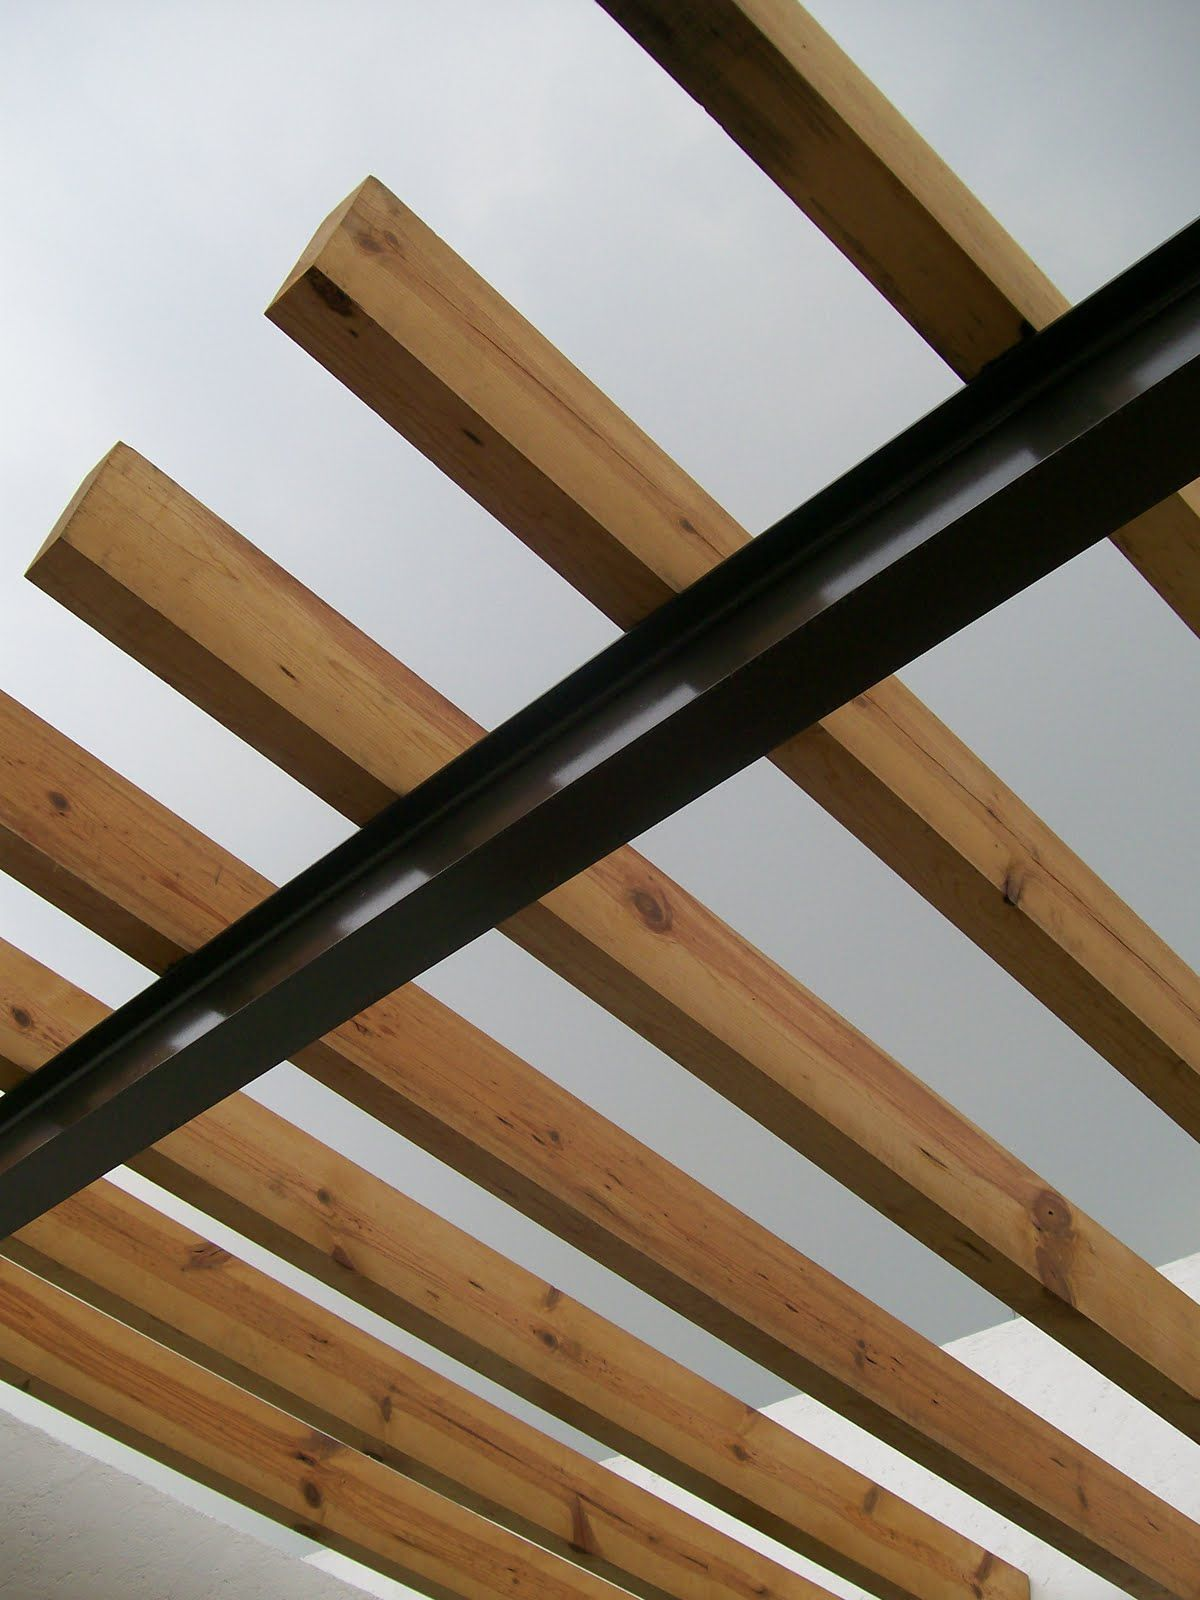 Vigas madera 1200 1600 vigas pinterest - Vigas de maderas ...